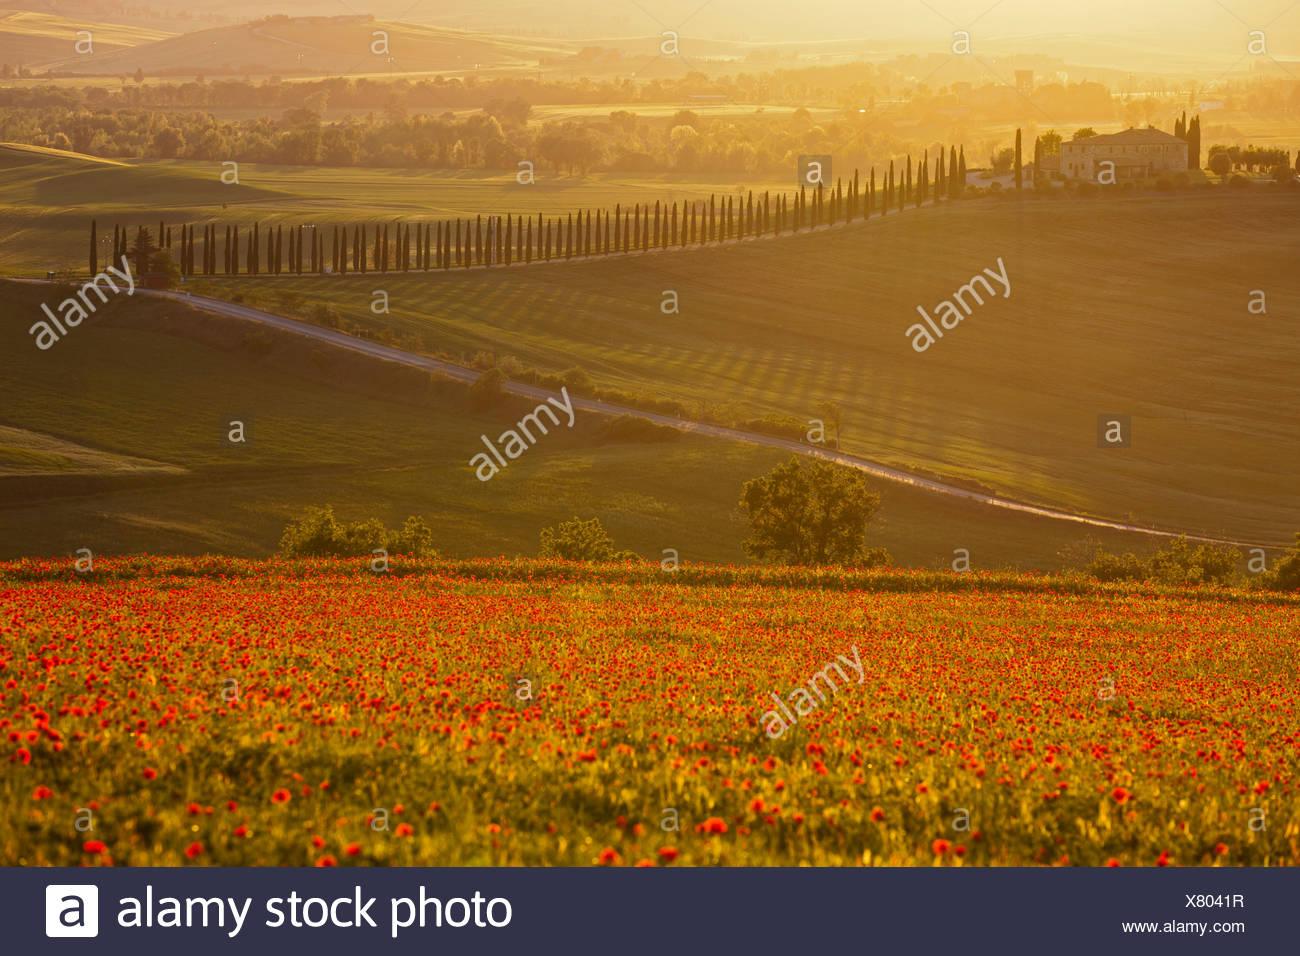 Italien, Toskana, Kreta, Ansicht von Mohnfeld vor Bauernhof mit Zypressen bei Sonnenaufgang Stockbild